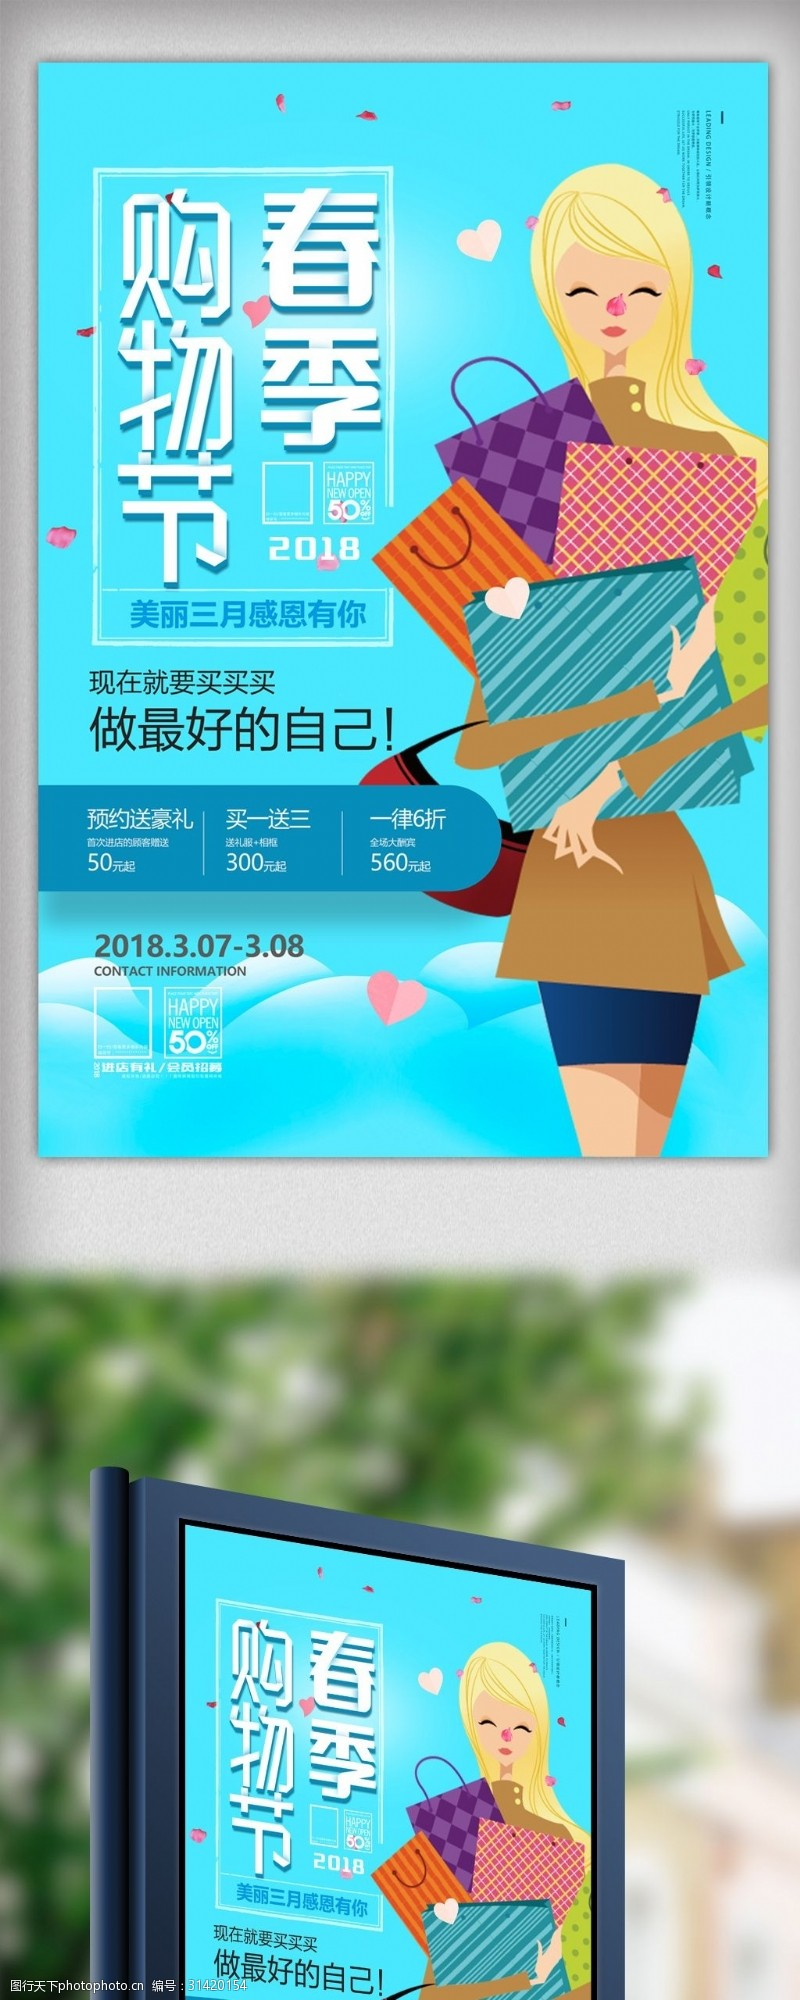 春季购物季商场促销海报